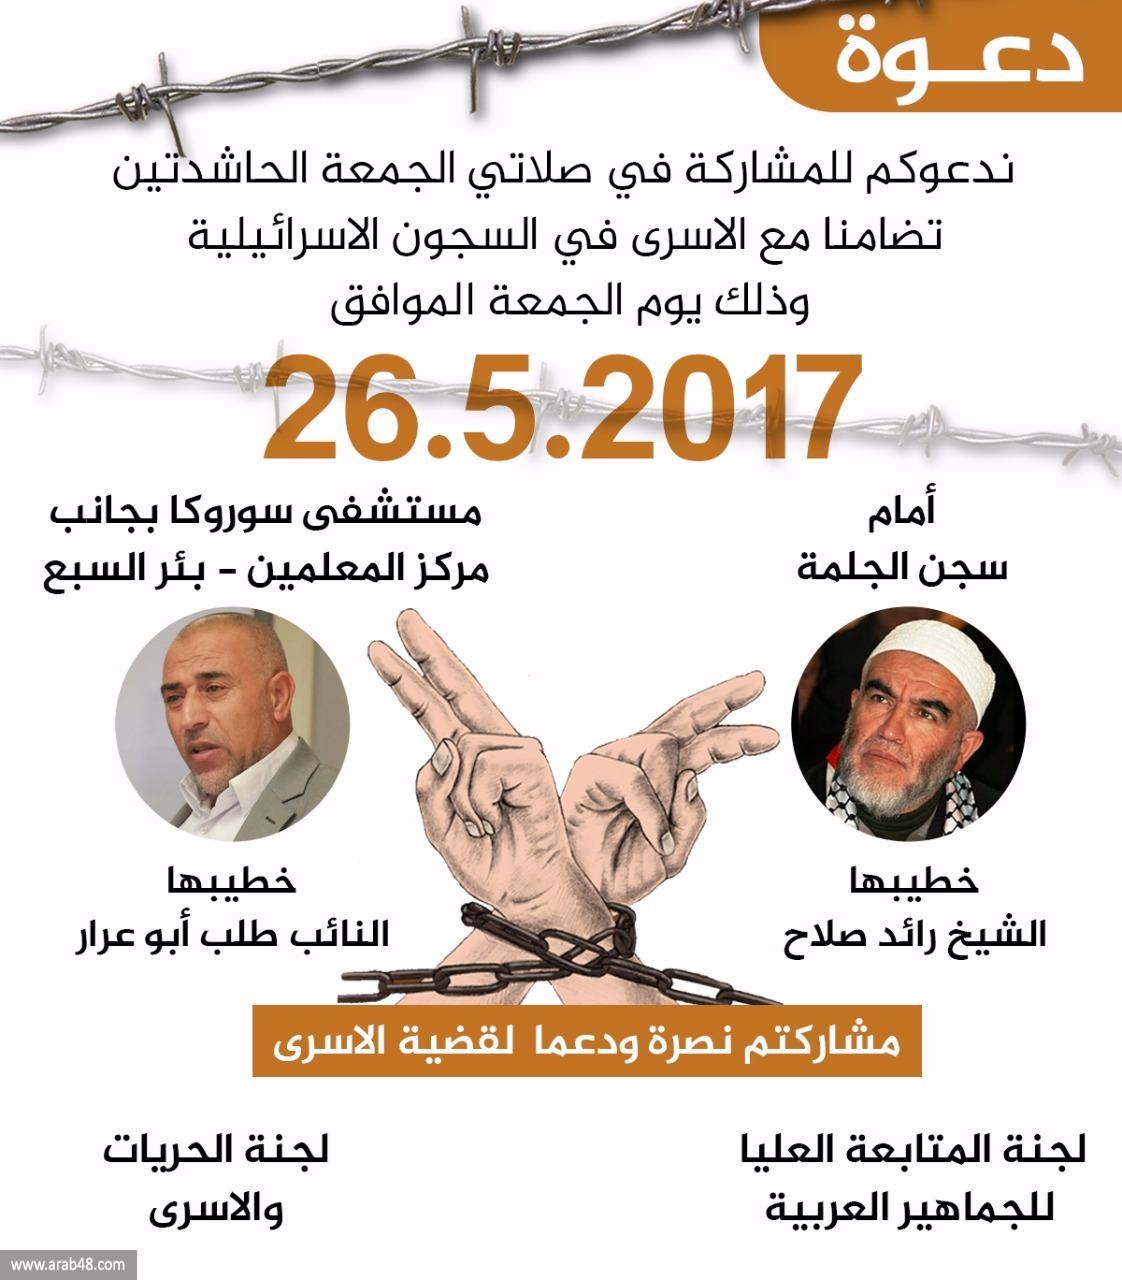 الدعوة لصلاة الجمعة أمام سجن الجلمة وسوروكا إسنادا للأسرى